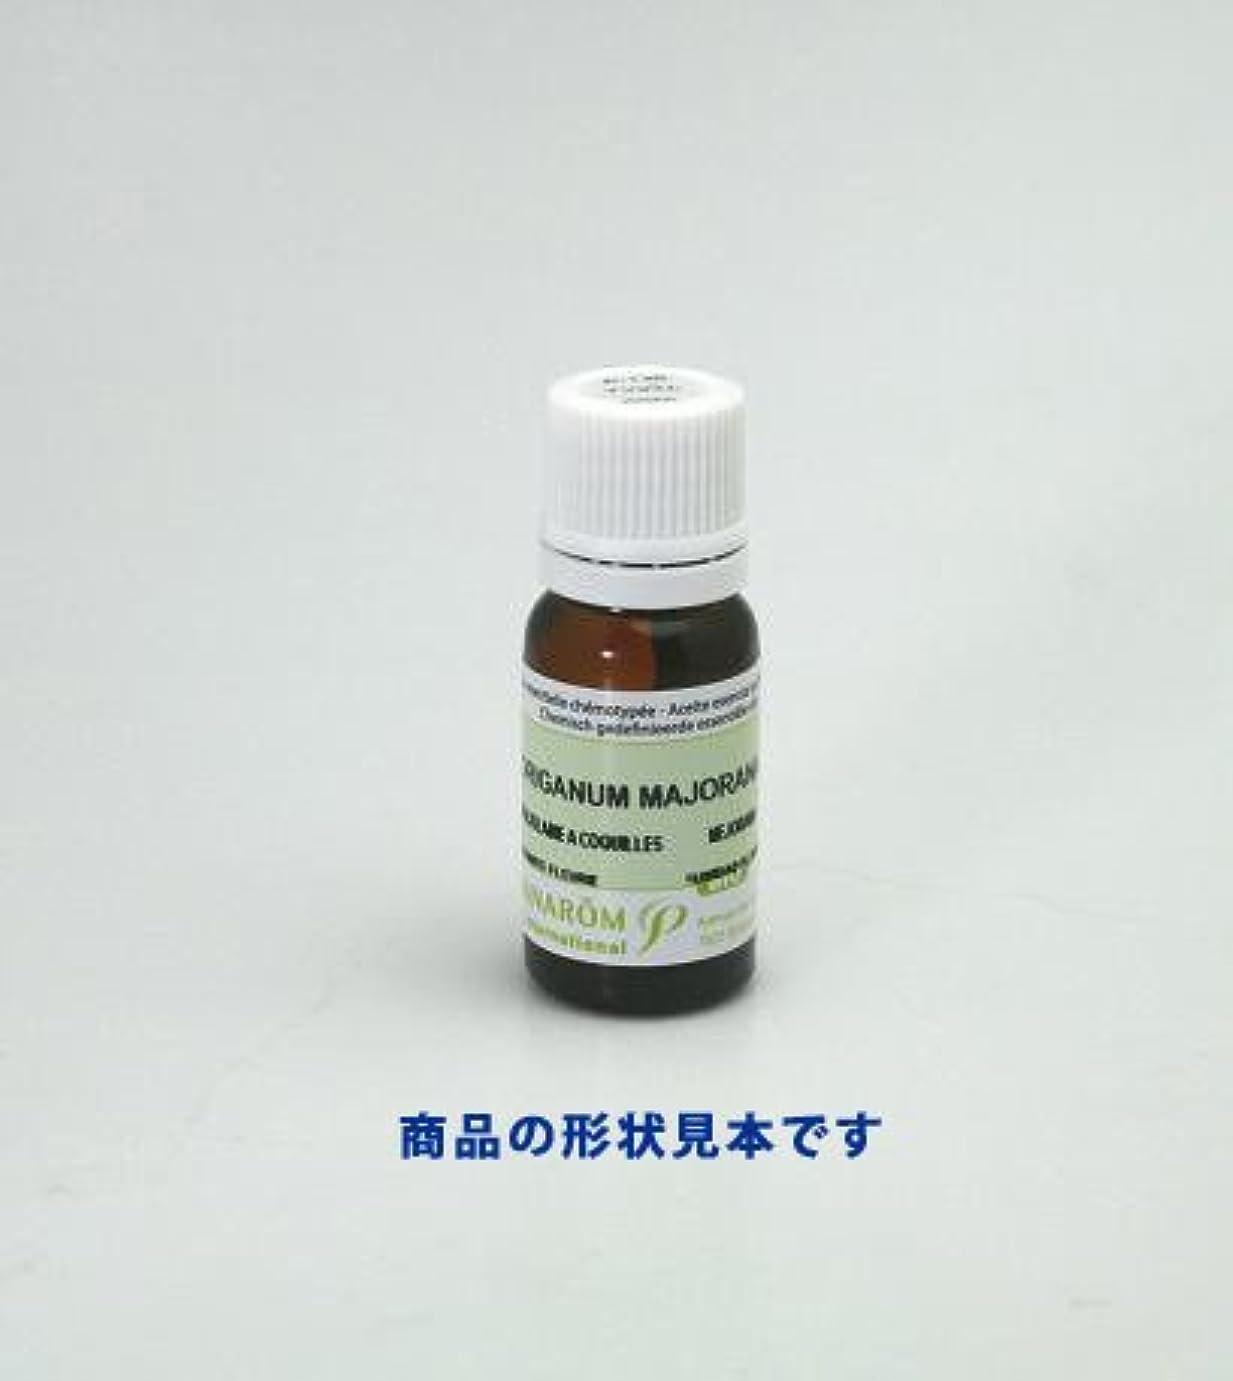 ハシー胃完璧なプラナロム社製精油:P-112 ニアウリCT1